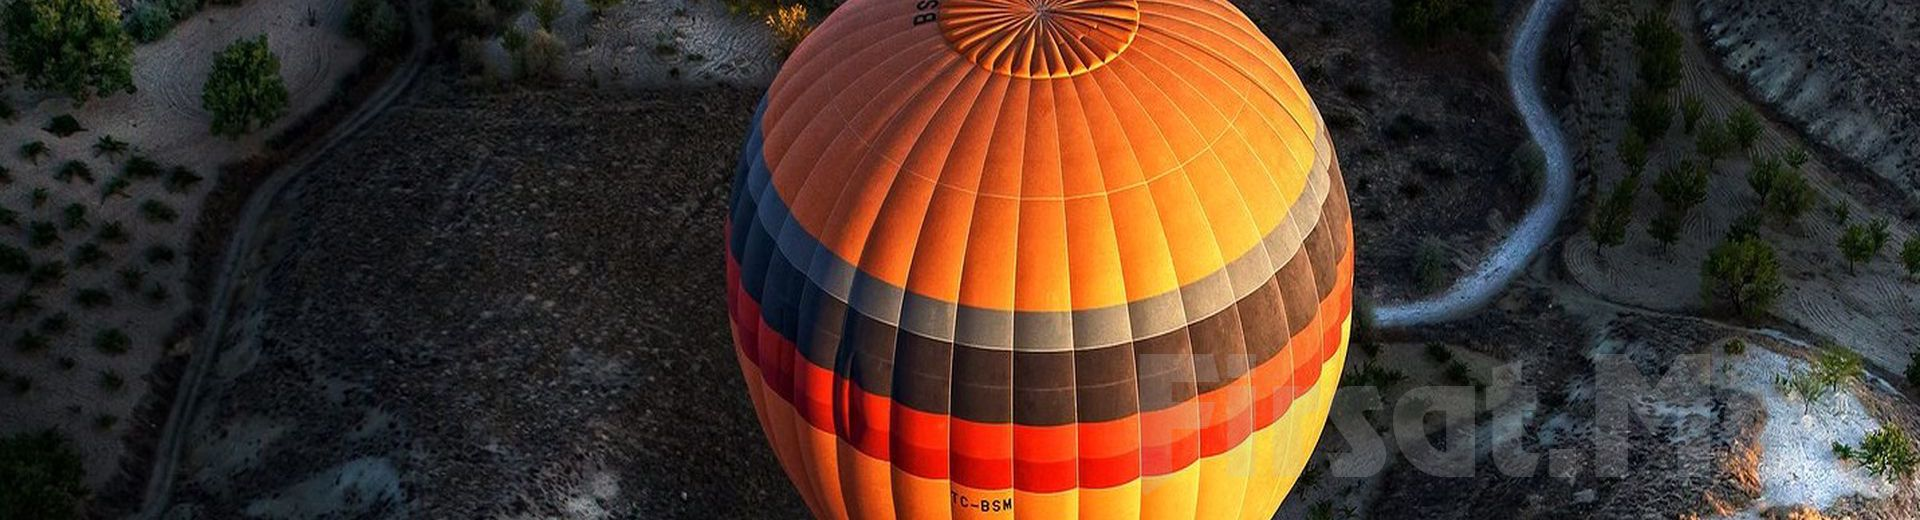 1 Saatlik Kapadokya Balon Turunu 850 TL Yerine 499 TL'ye Almanızı Sağlayacak İndirim Kuponu